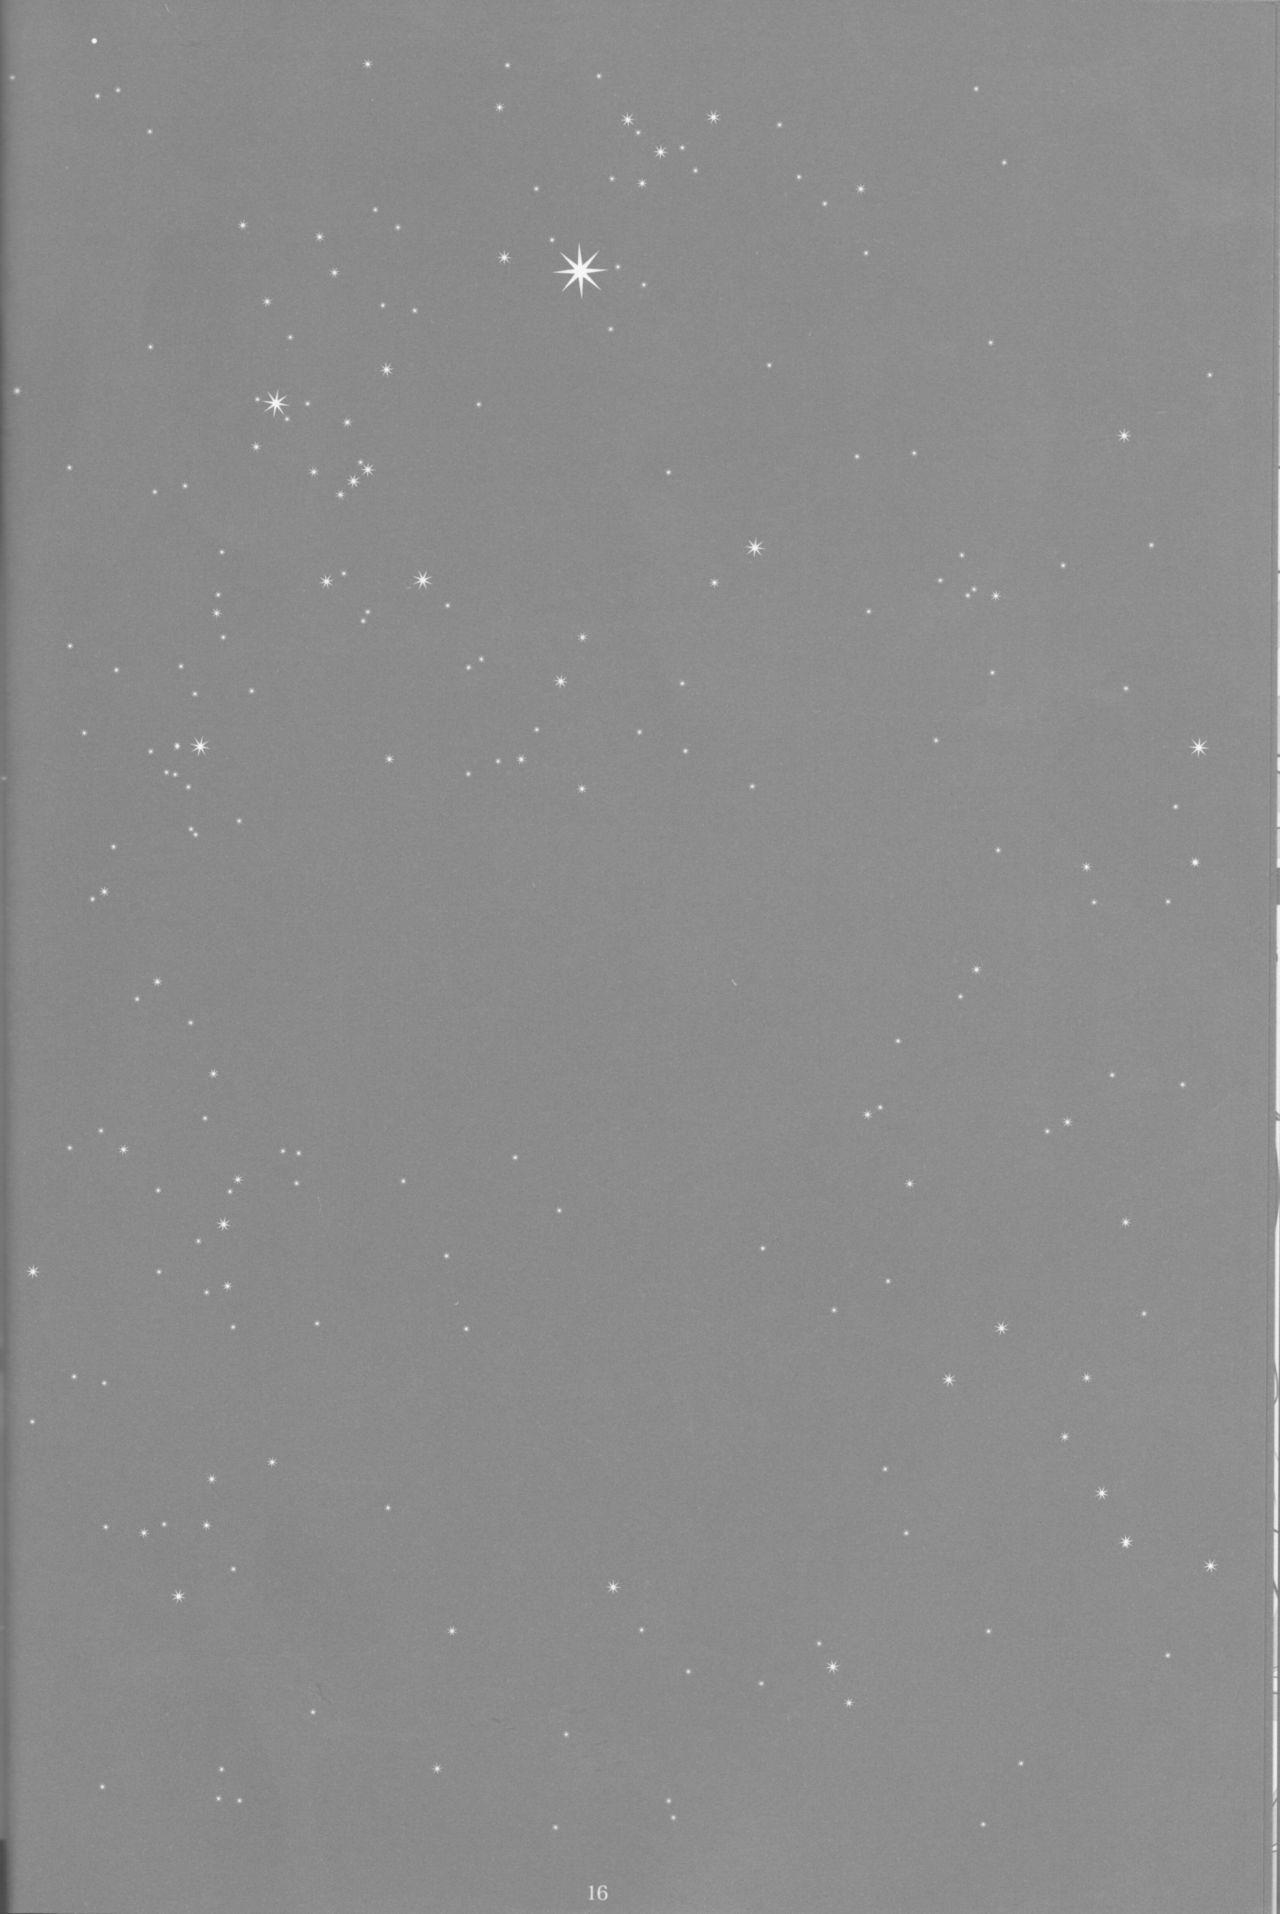 Toge hikari no navu~igātoria book 2(blue exorcist] 13